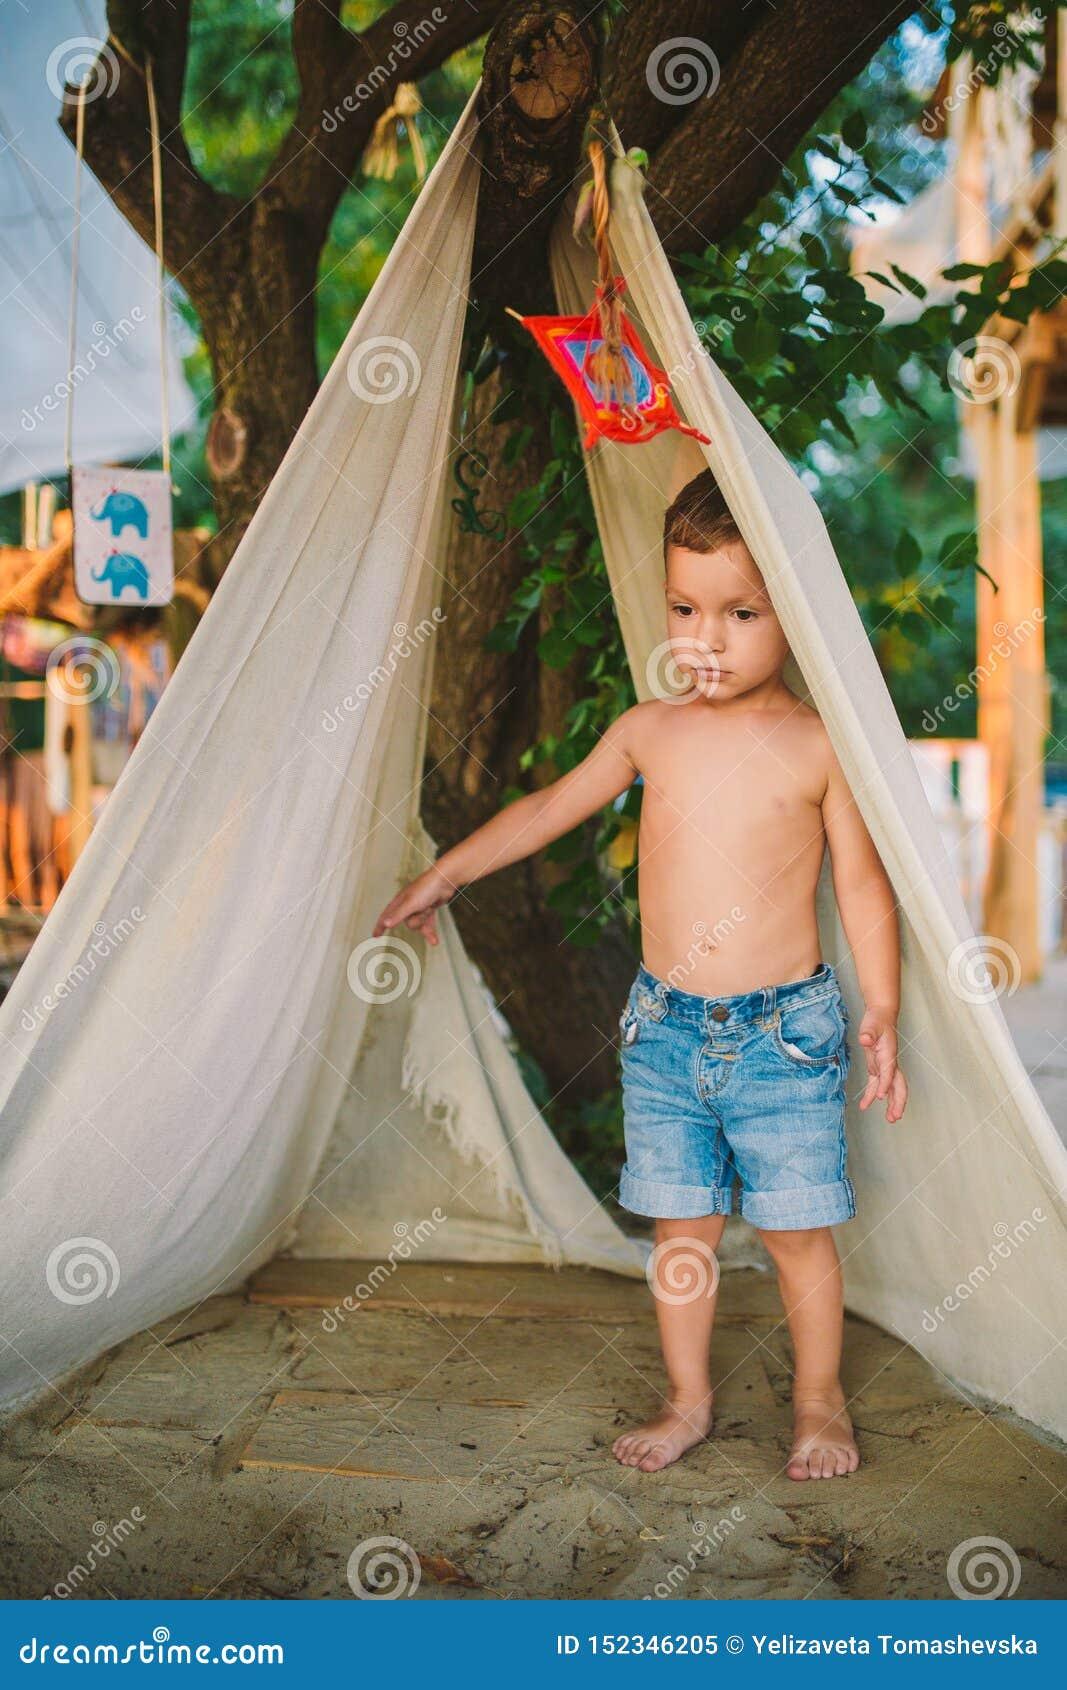 Летние каникулы темы, мальчик, кавказский ребенок играя в лесистом районе в парке на спортивной площадке во дворе ребенк в шатре